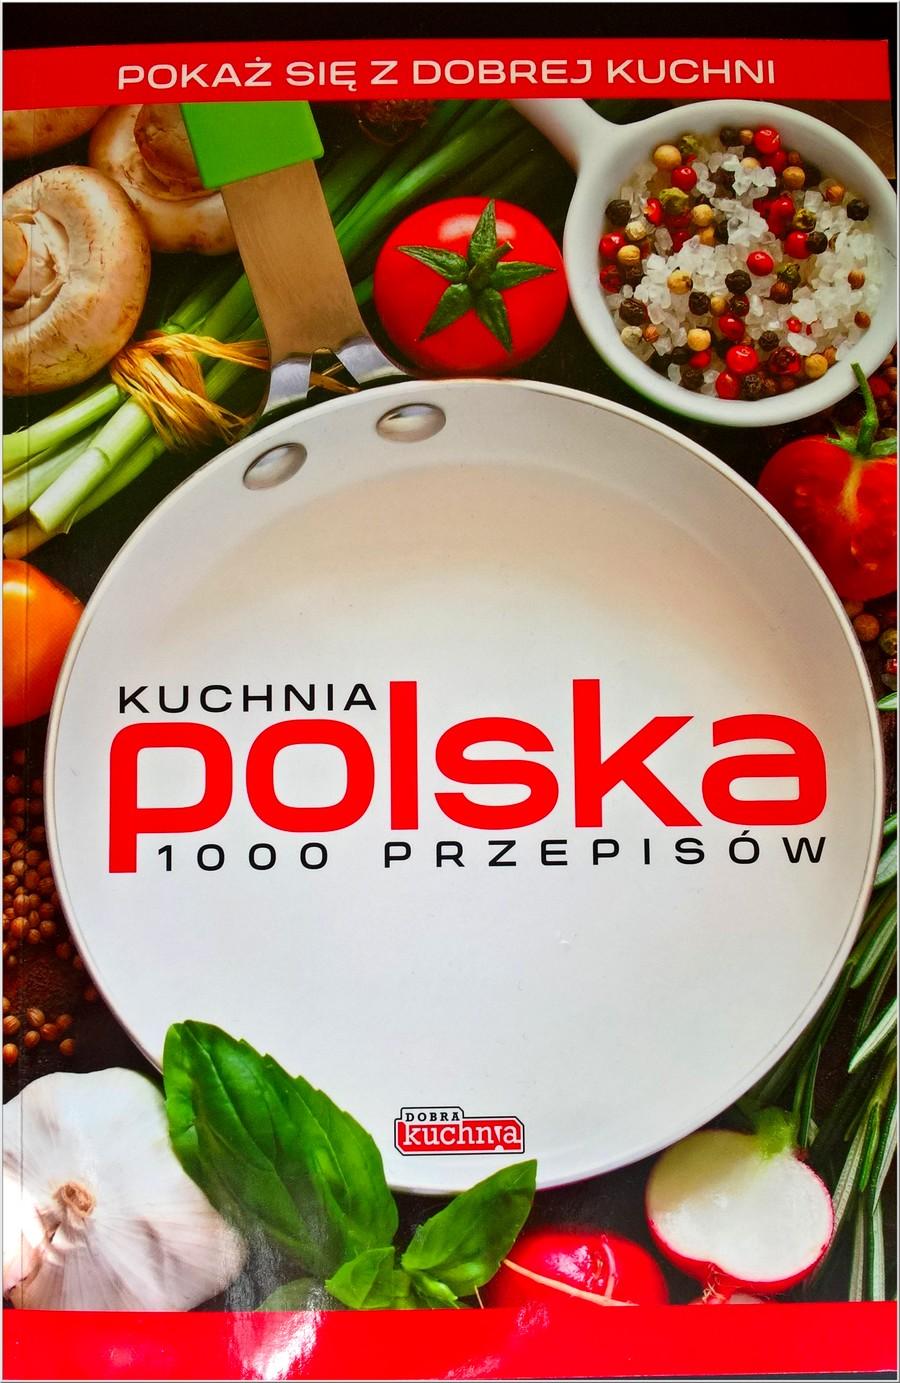 Kuchnia polska 1000 przepisów. Książka kucharska idealna dla każdego (1)